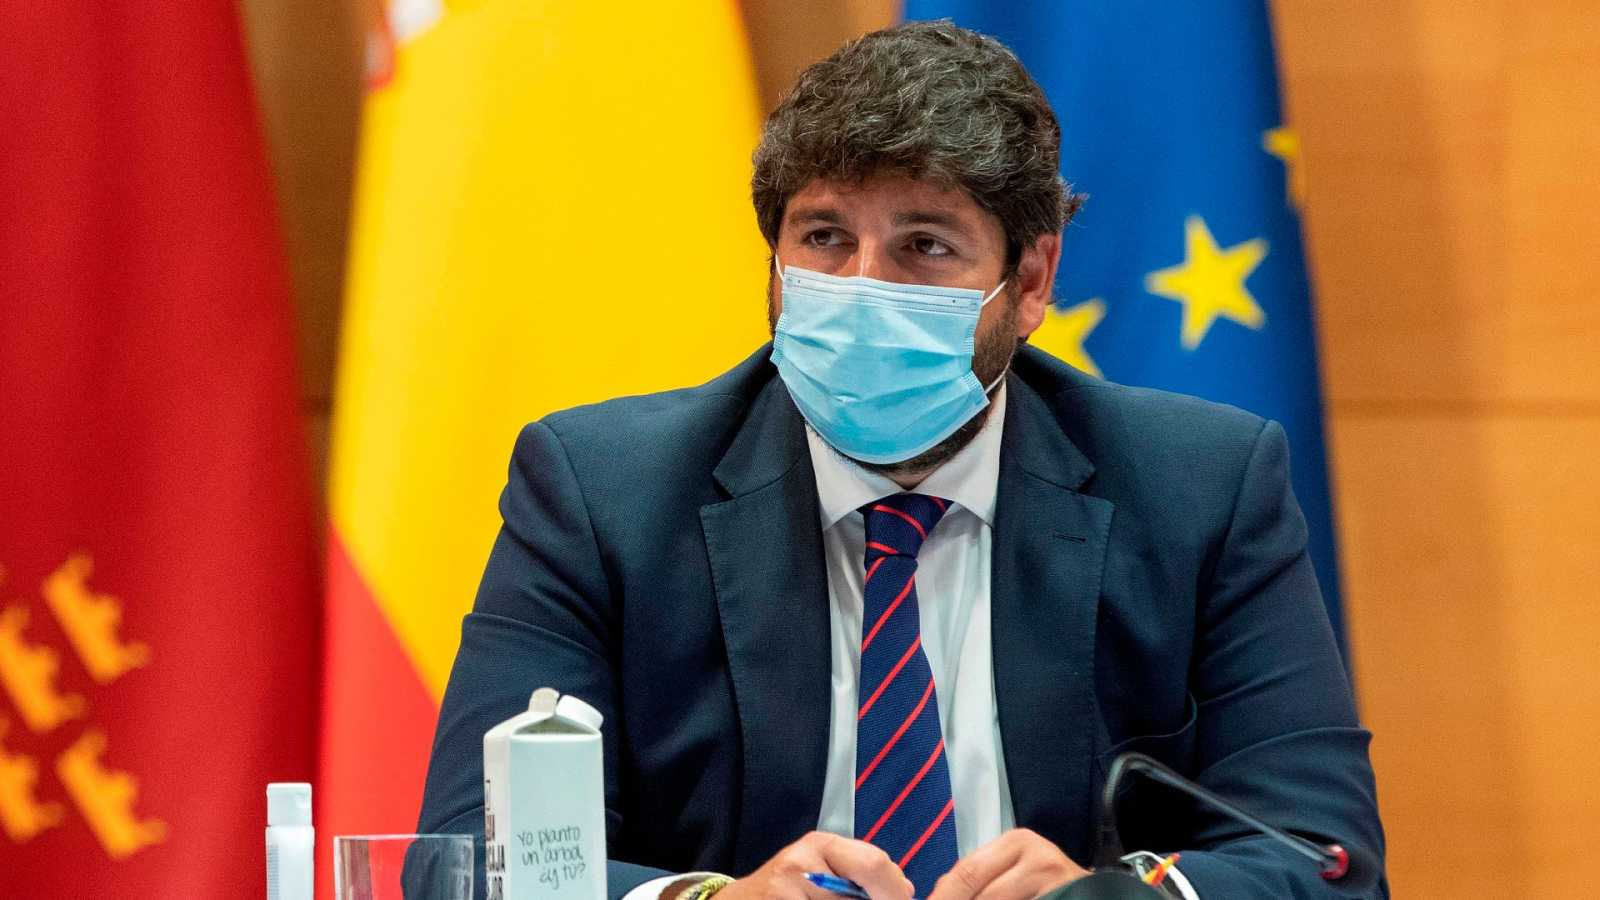 """López Miras: """"El toque de queda debe instaurarse lo antes posible"""""""